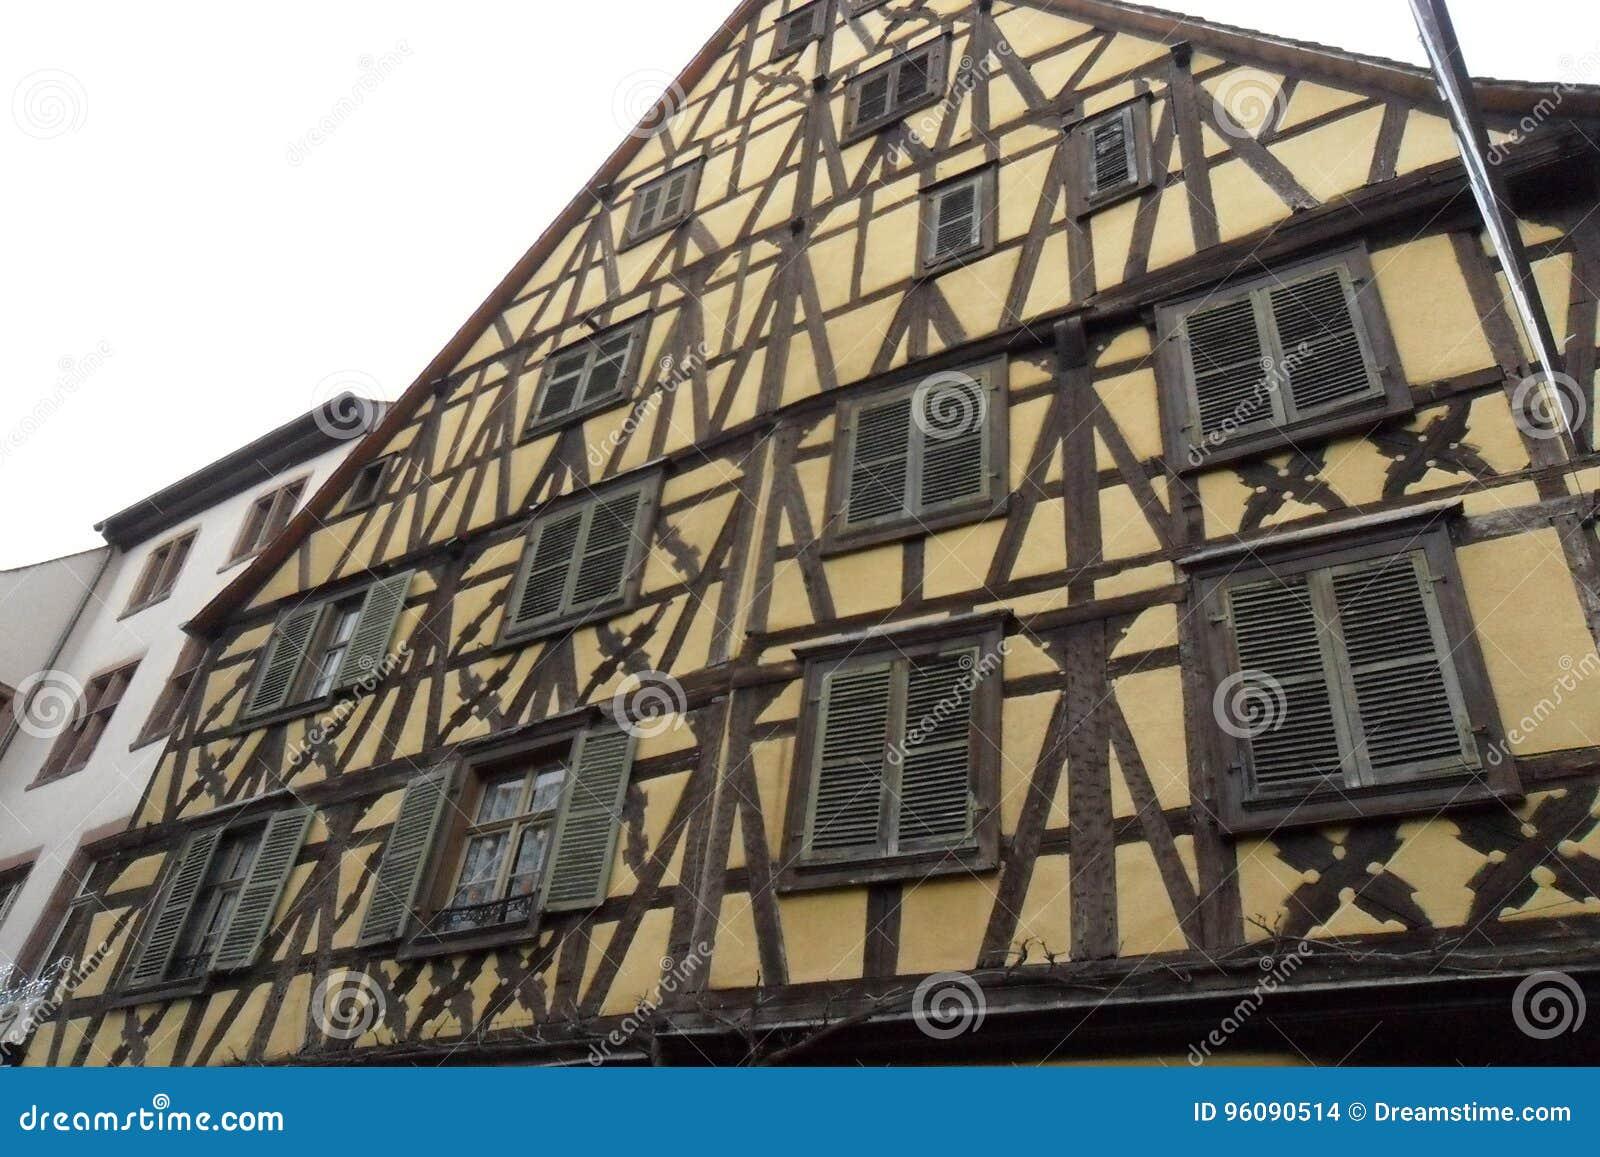 Ein Gelb Bauholz-gestaltete Haus in Ribeauvillé in Frankreich